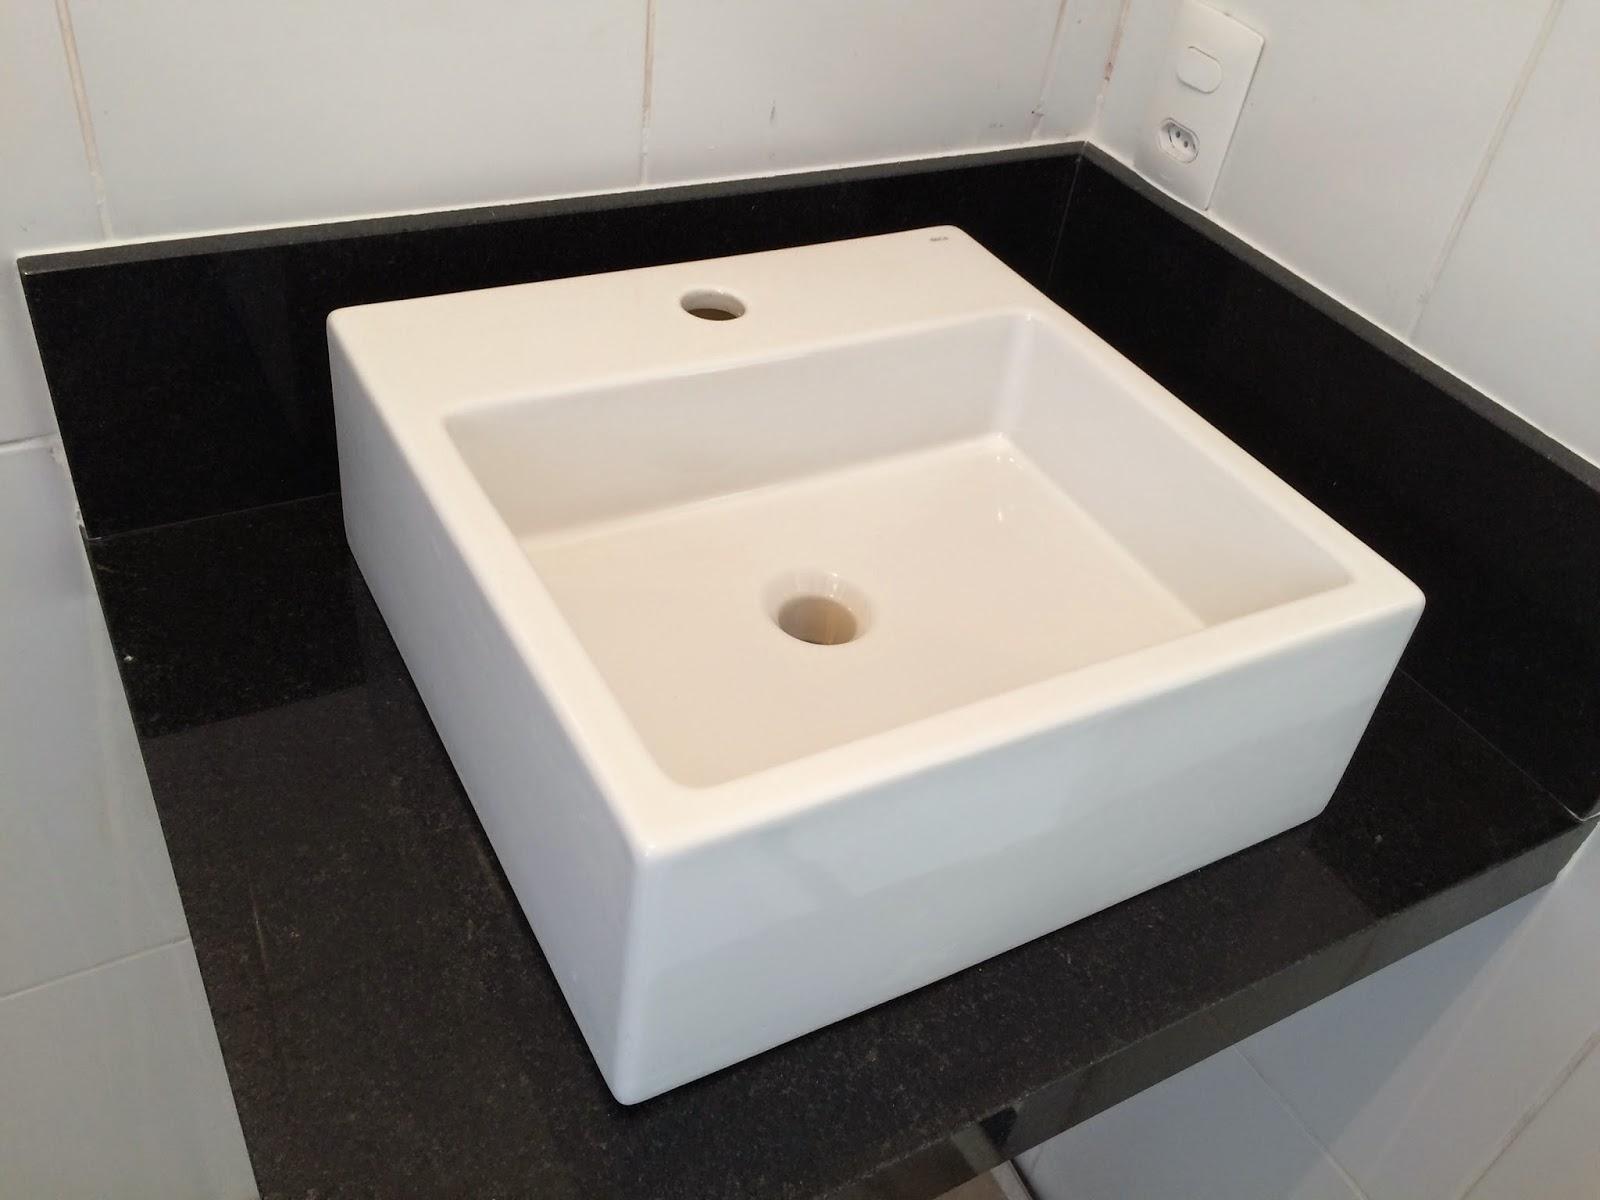 de ser um banheiro pequeno achei que não carregou o ambiente não #766755 1600x1200 Bancada P Banheiro